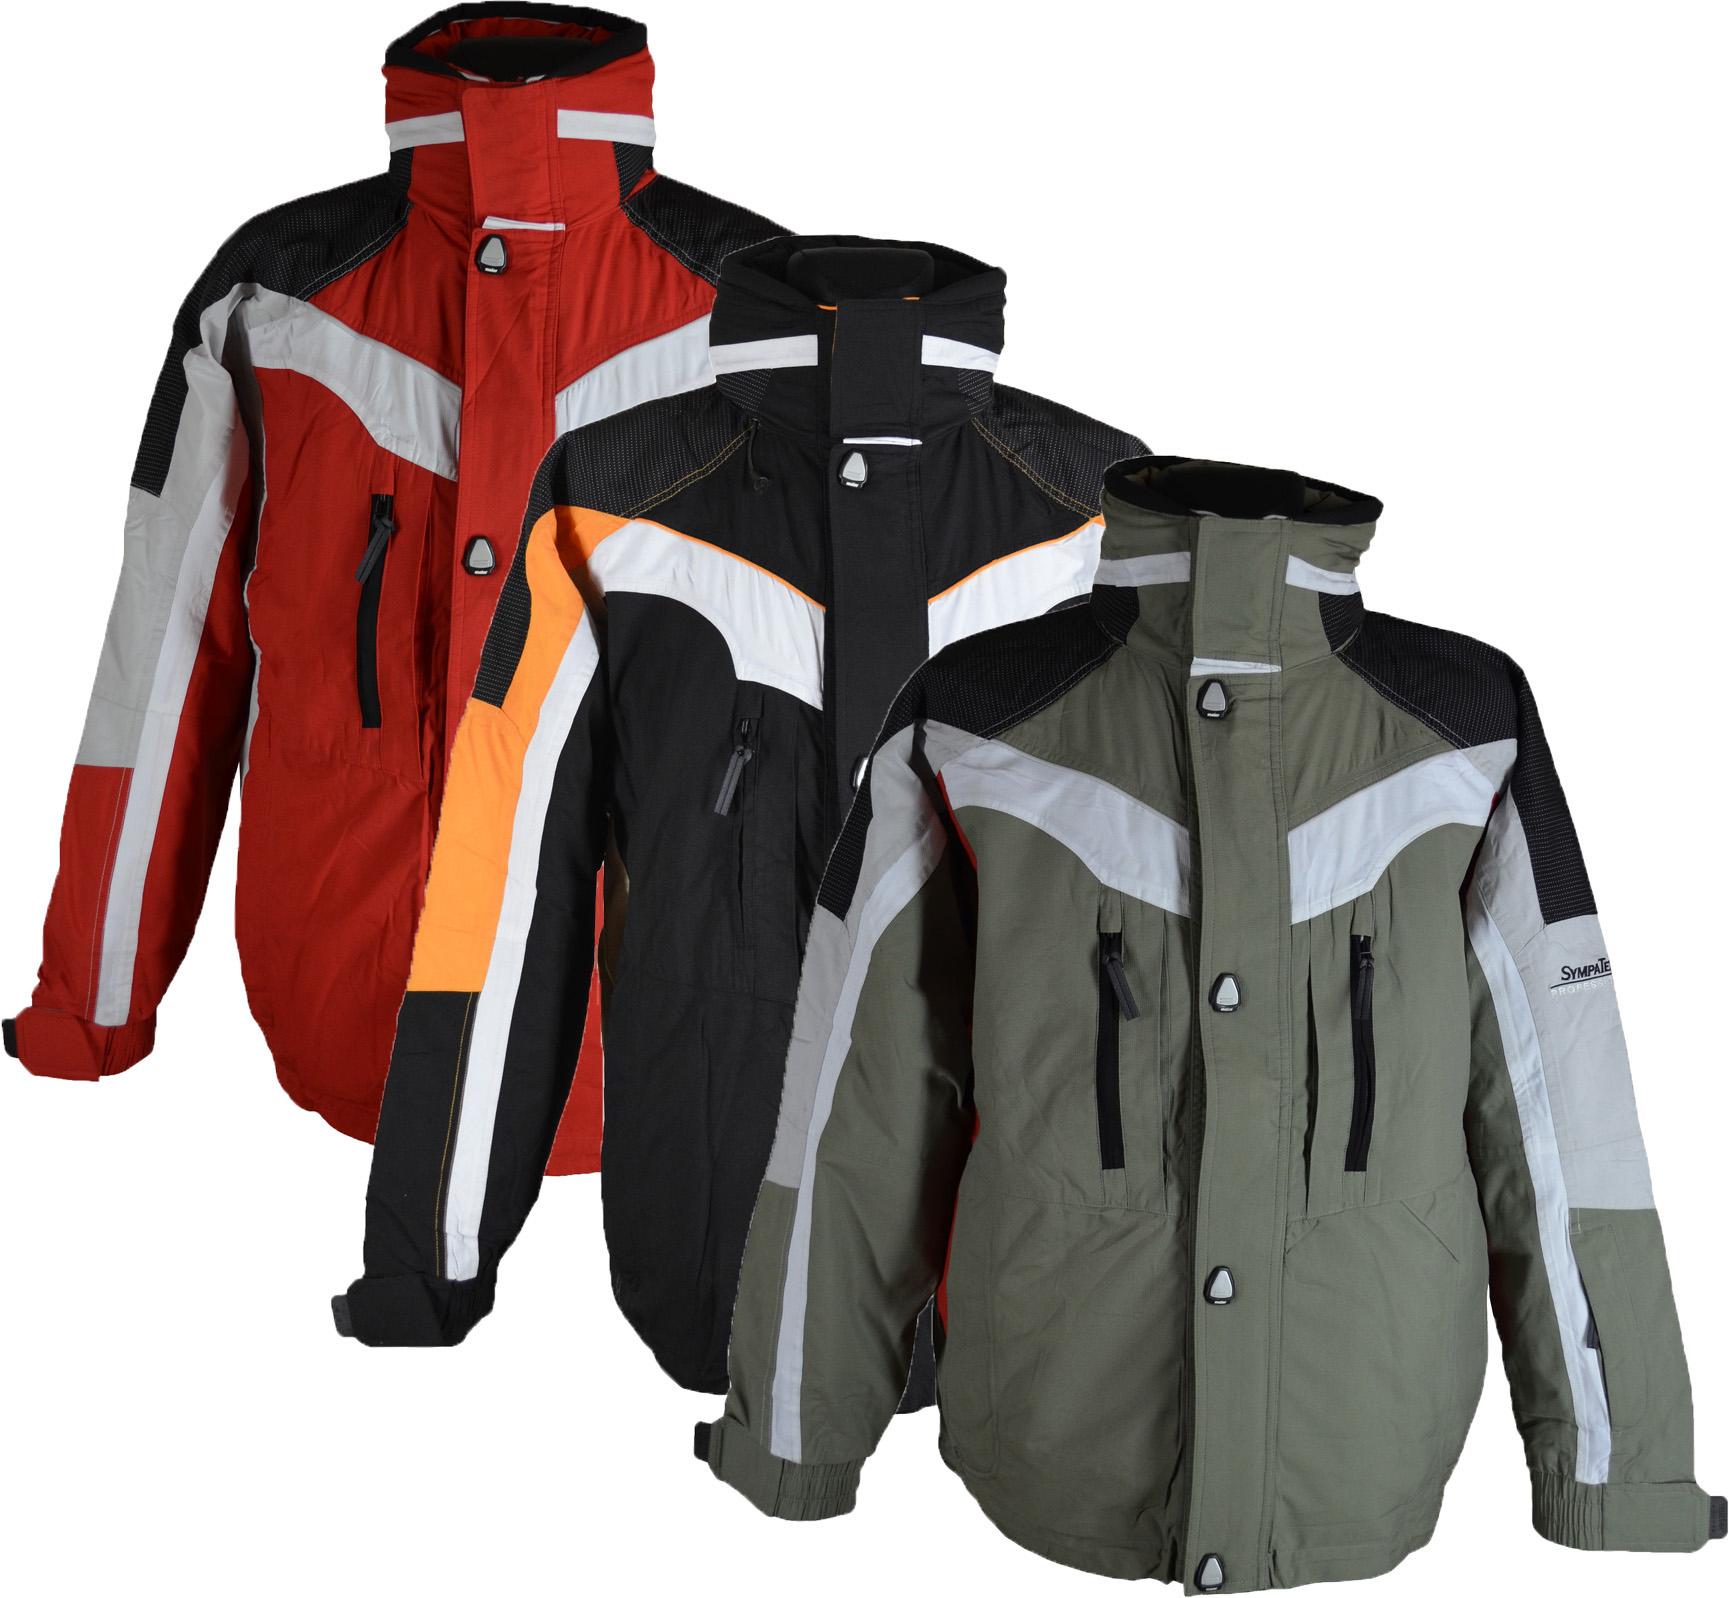 Лыжная куртка Maier в интернет-магазине. Купить куртки maier в ... ae71de9c88a